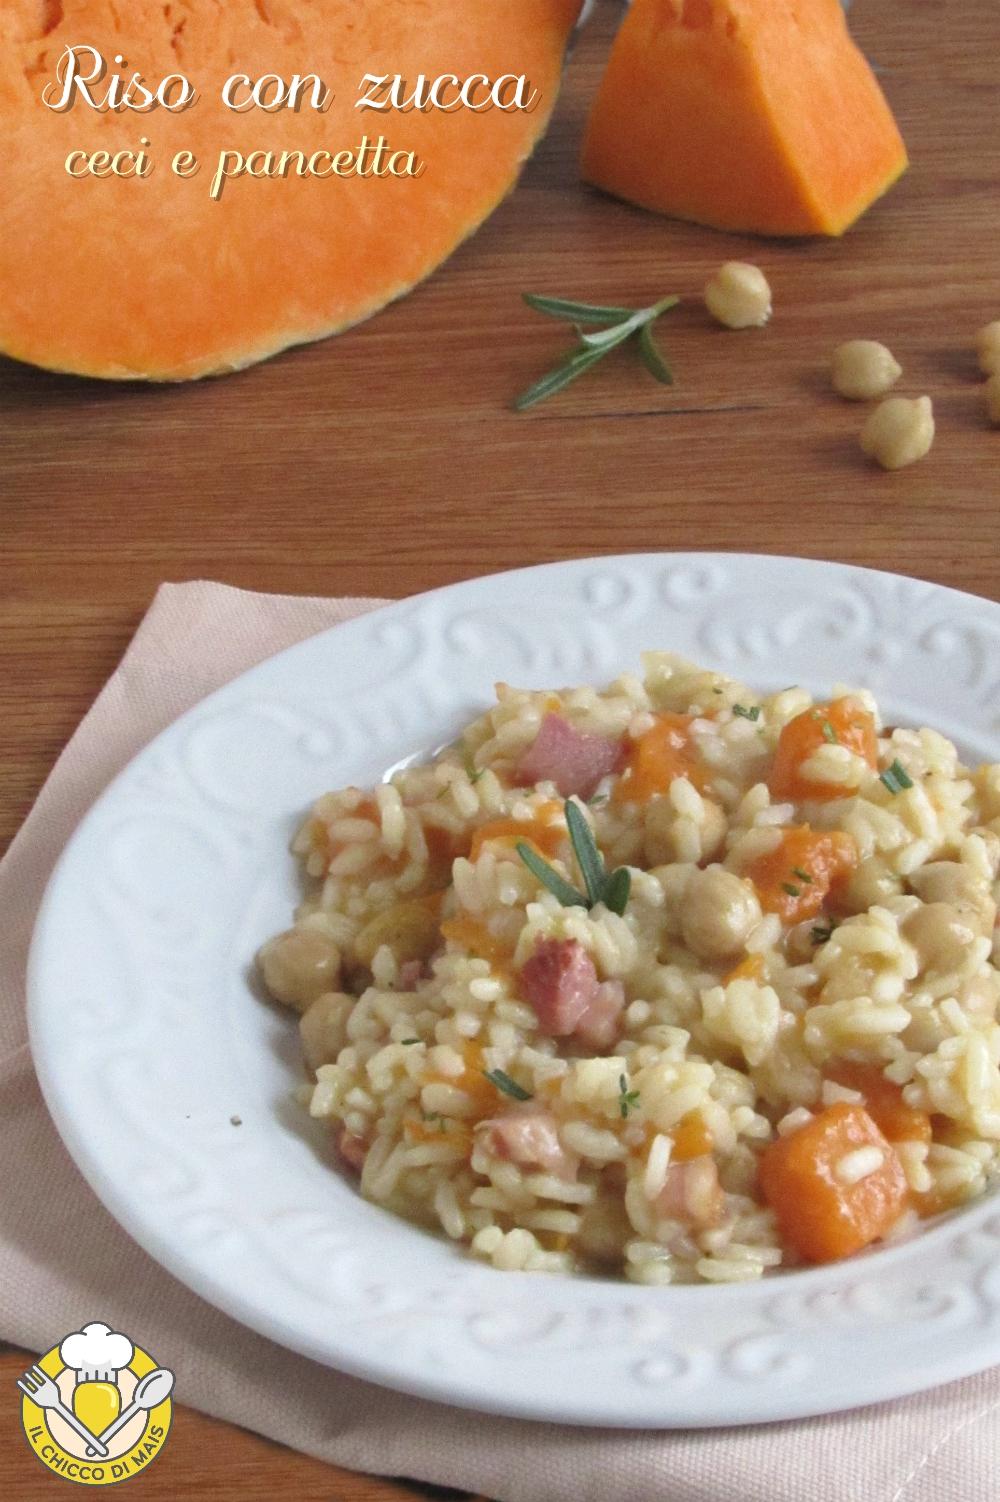 v_ riso con zucca ceci e pancetta ricetta facile autunnale risotto senza burro il chicco di mais